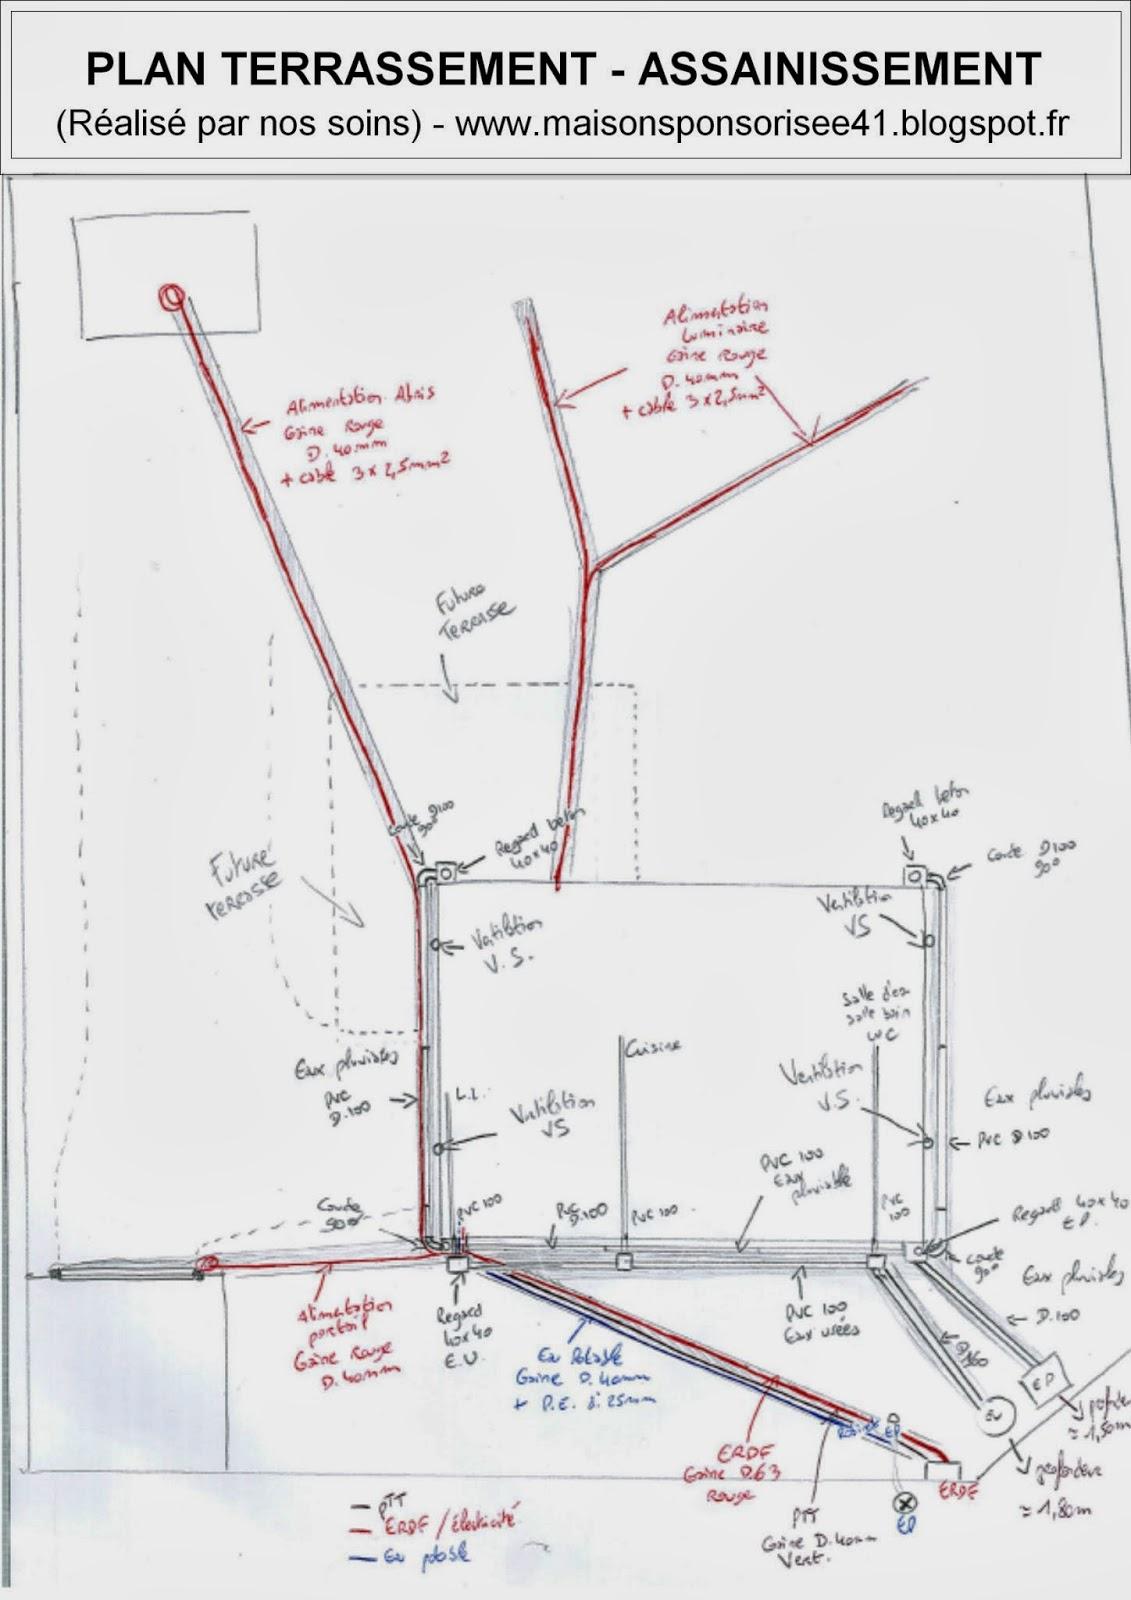 maison sponsoris e 41 label rt 2012 oucques 41290 le terrassement assainissement. Black Bedroom Furniture Sets. Home Design Ideas